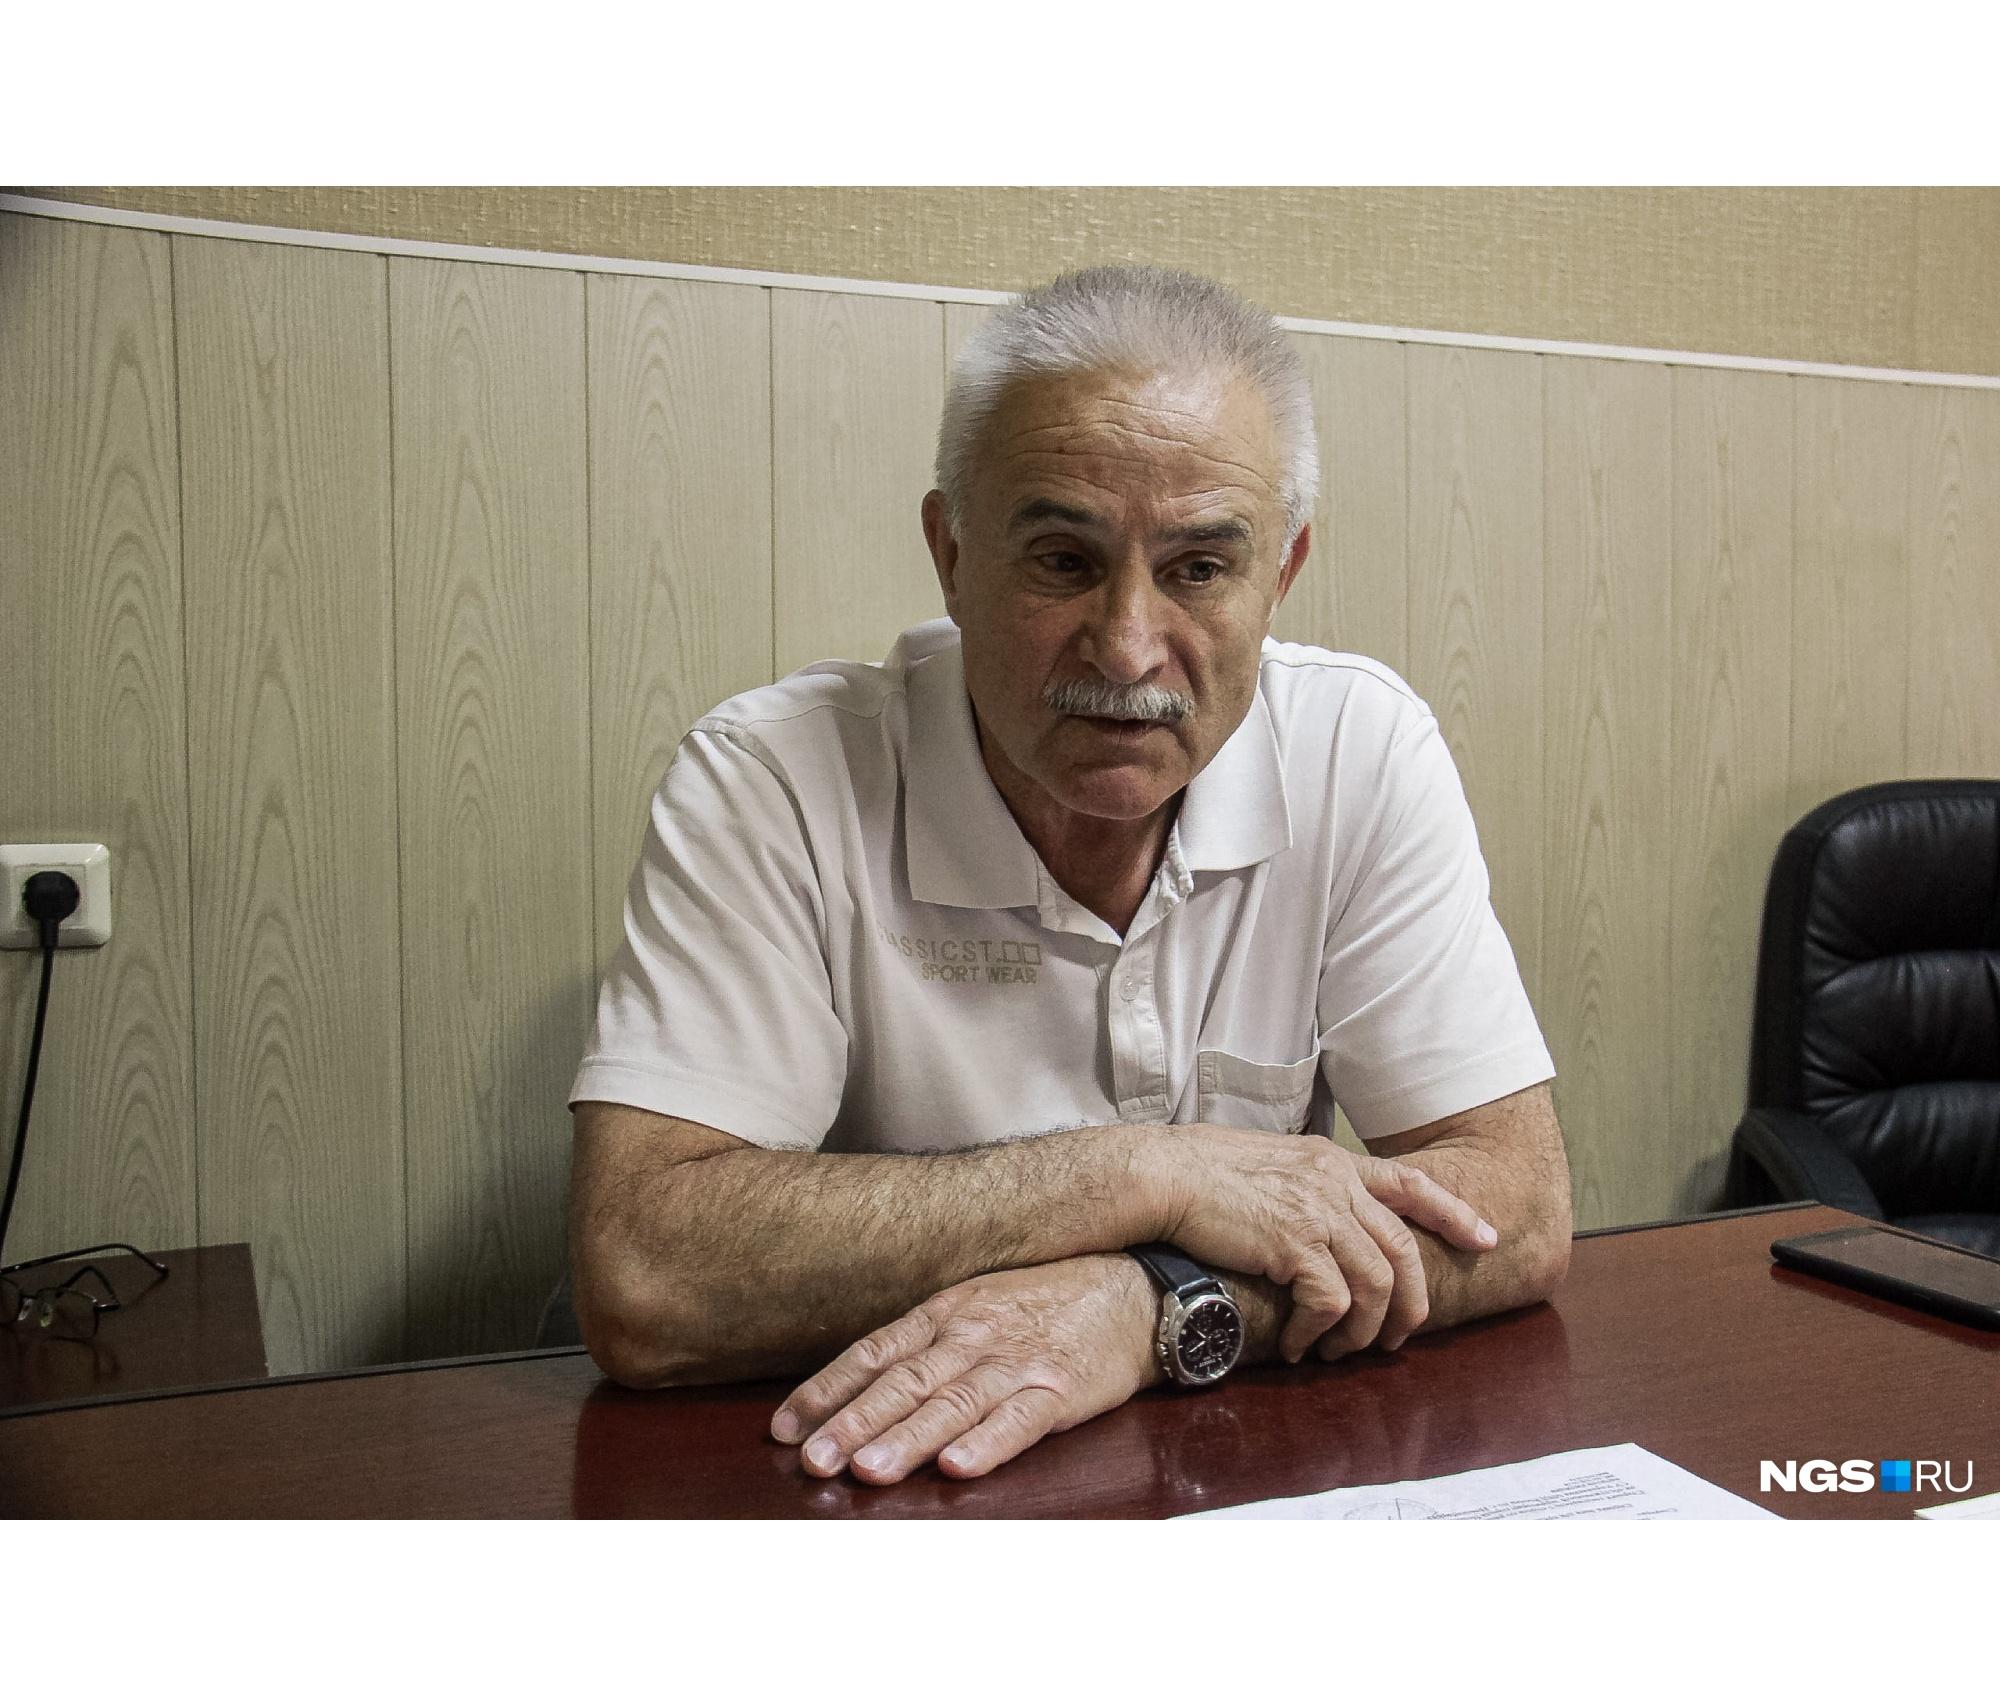 Николай Монаенков уже четверть века работает адвокатом и берется за самые разные дела